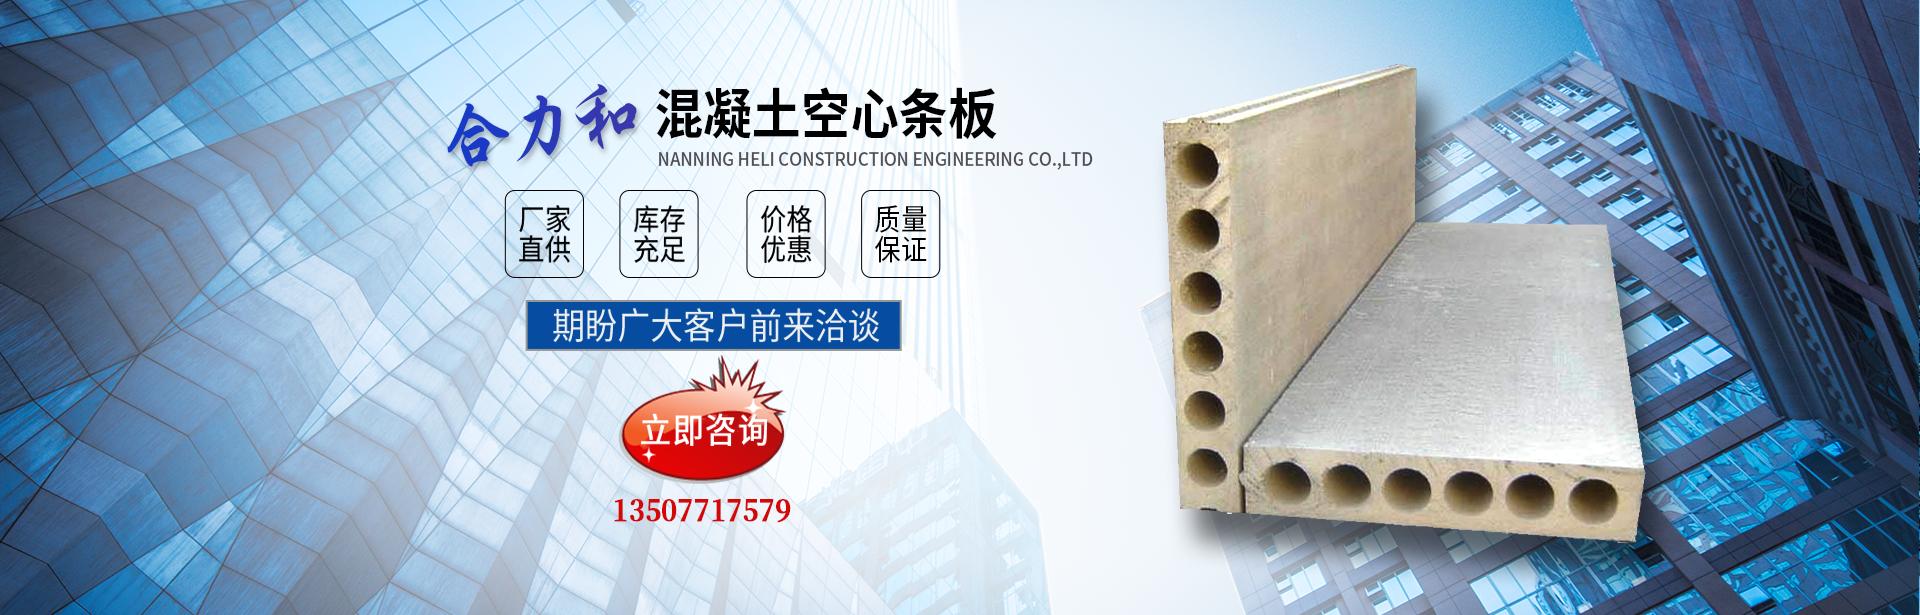 南寧市合力和建筑工程有限公司